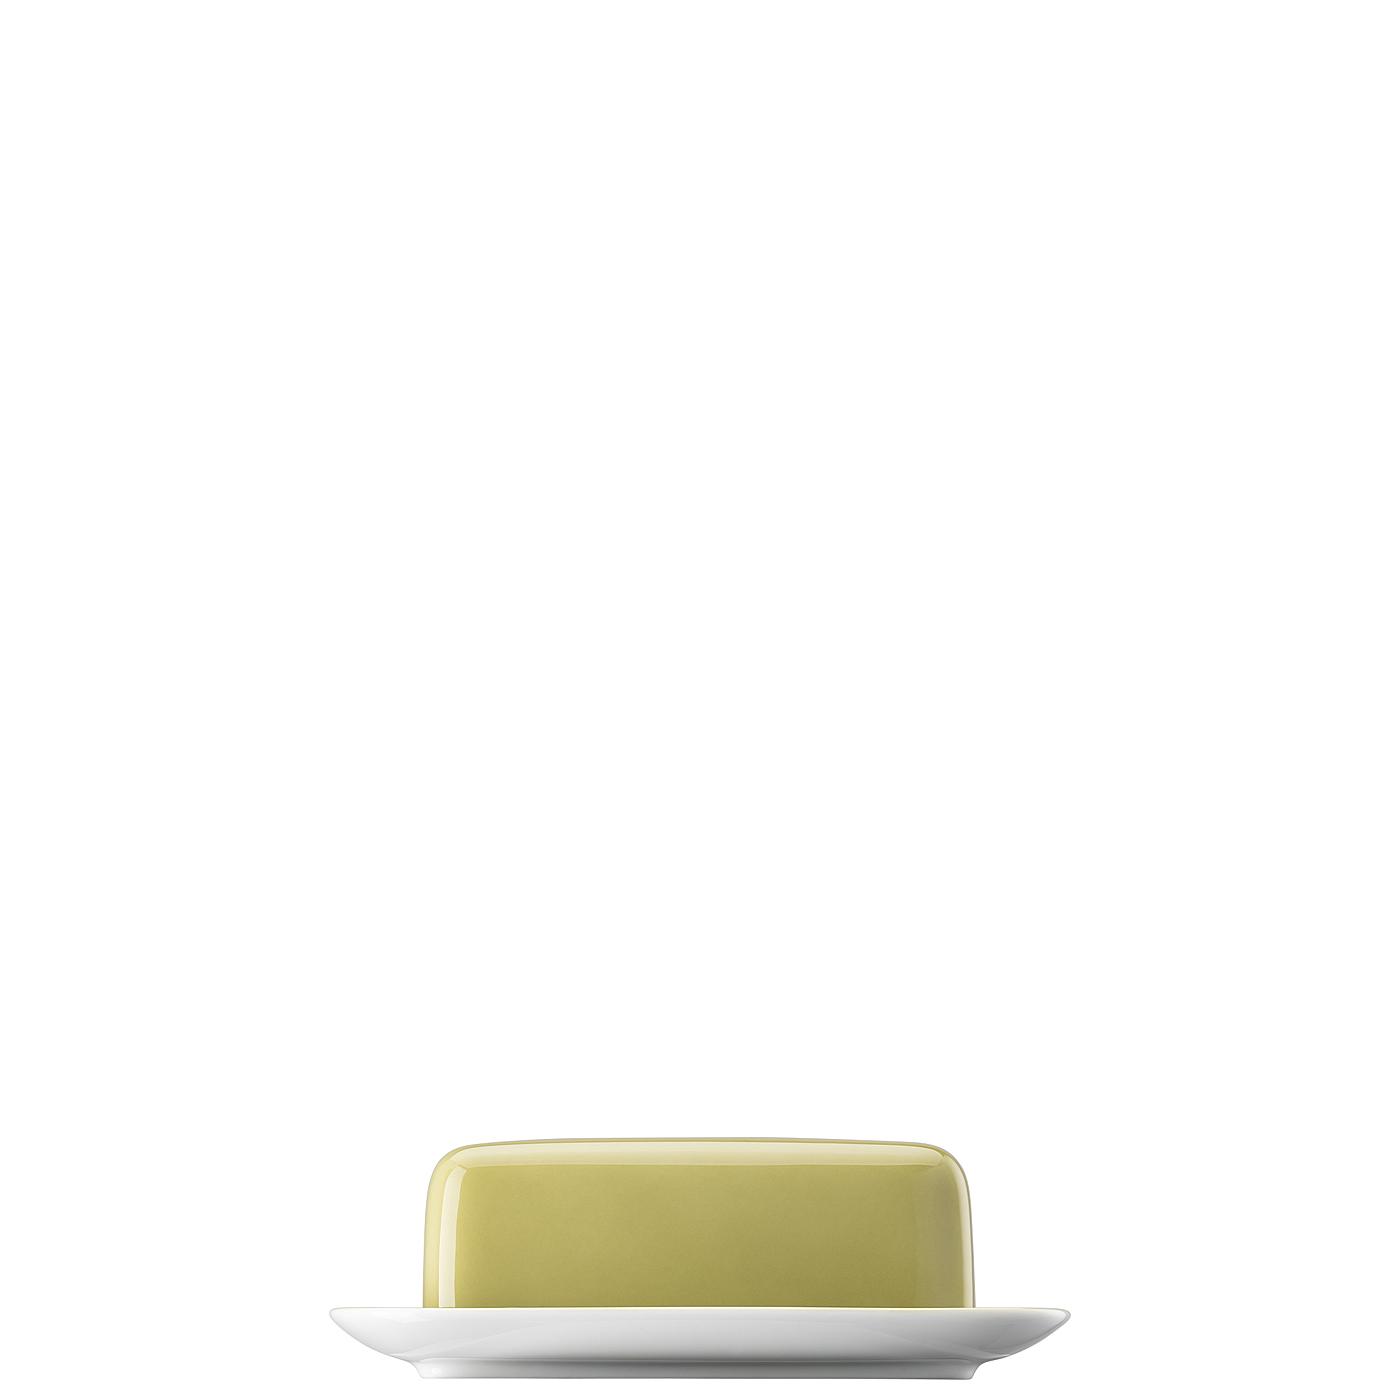 Butterdose Sunny Day Avocado Green Thomas Porzellan